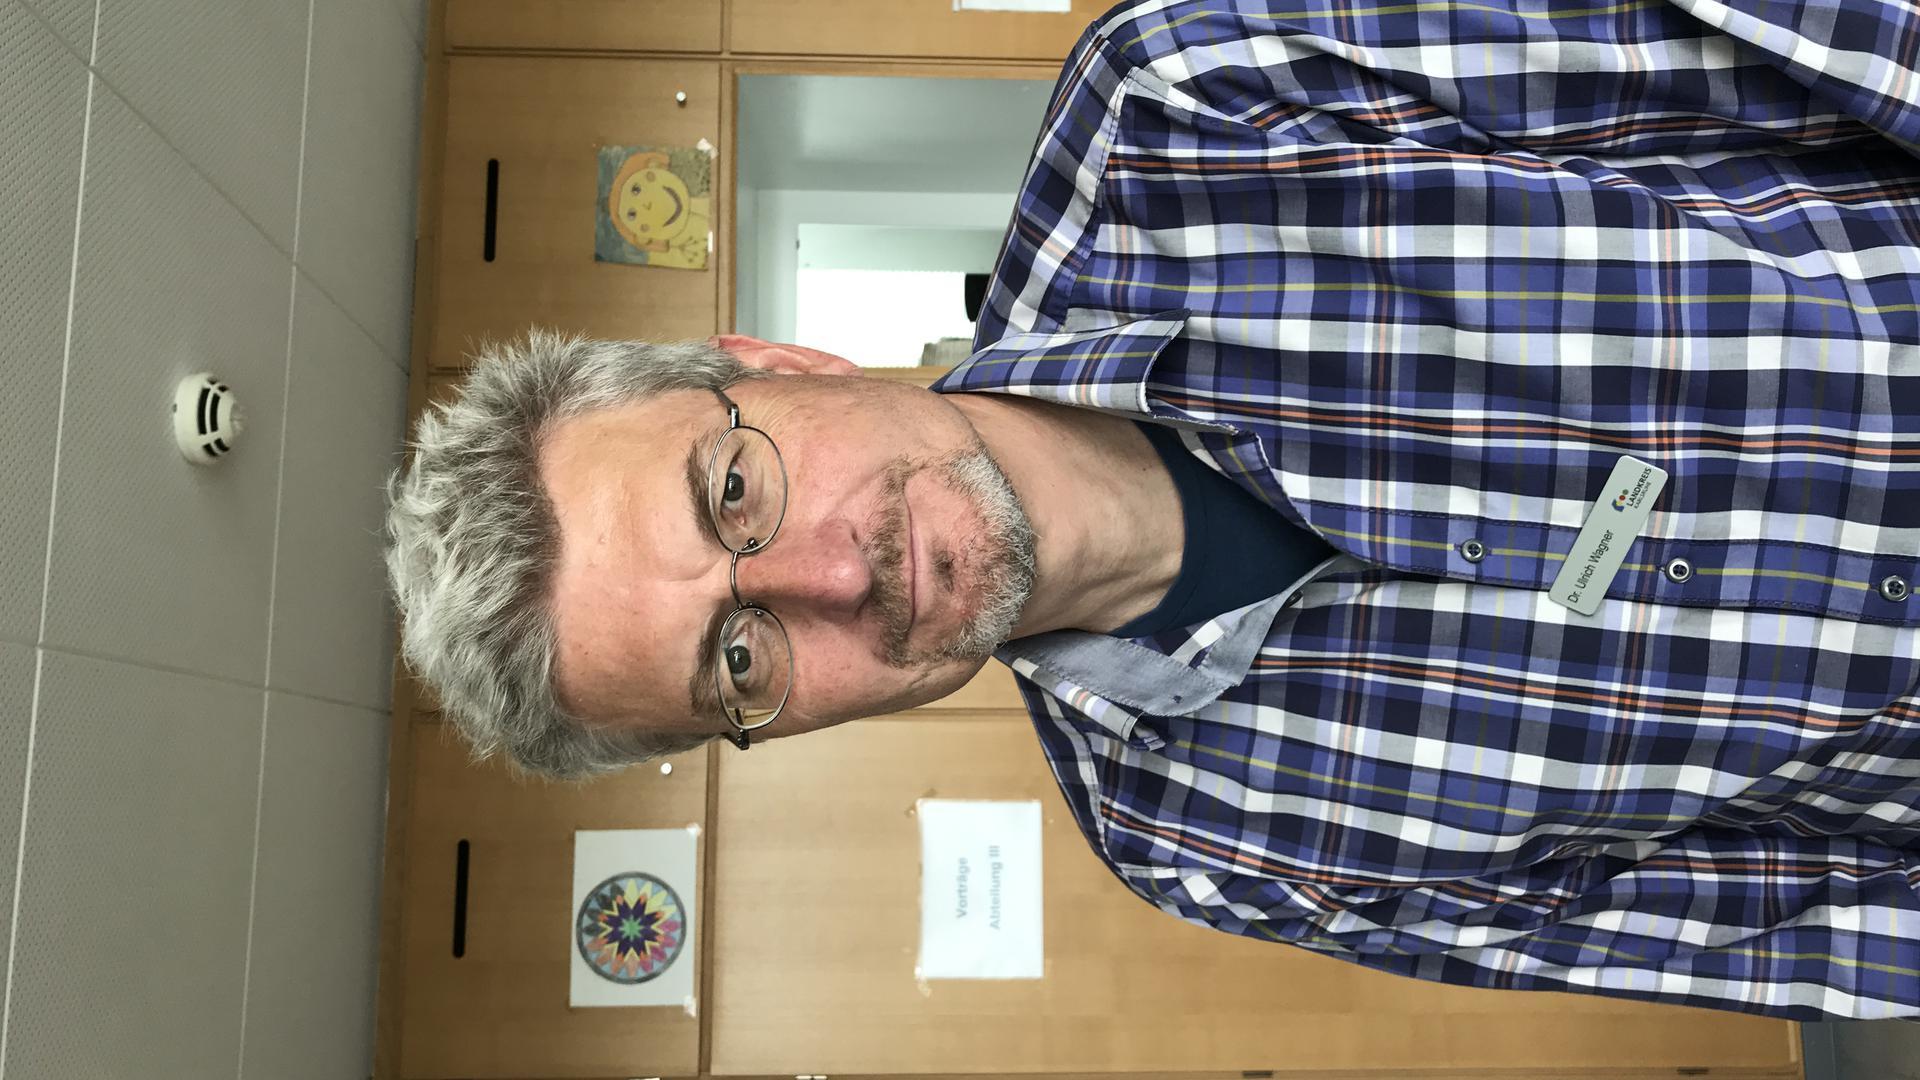 Von Haus aus ist Ulrich Wagner Mediziner. Ihm unterliegt nicht nur die Abteilung Gesundheitsschutz, er ist zudem stellvertretender Leiter des Gesundheitsamts Karlsruhe. Dort arbeitet er seit über 20 Jahren.